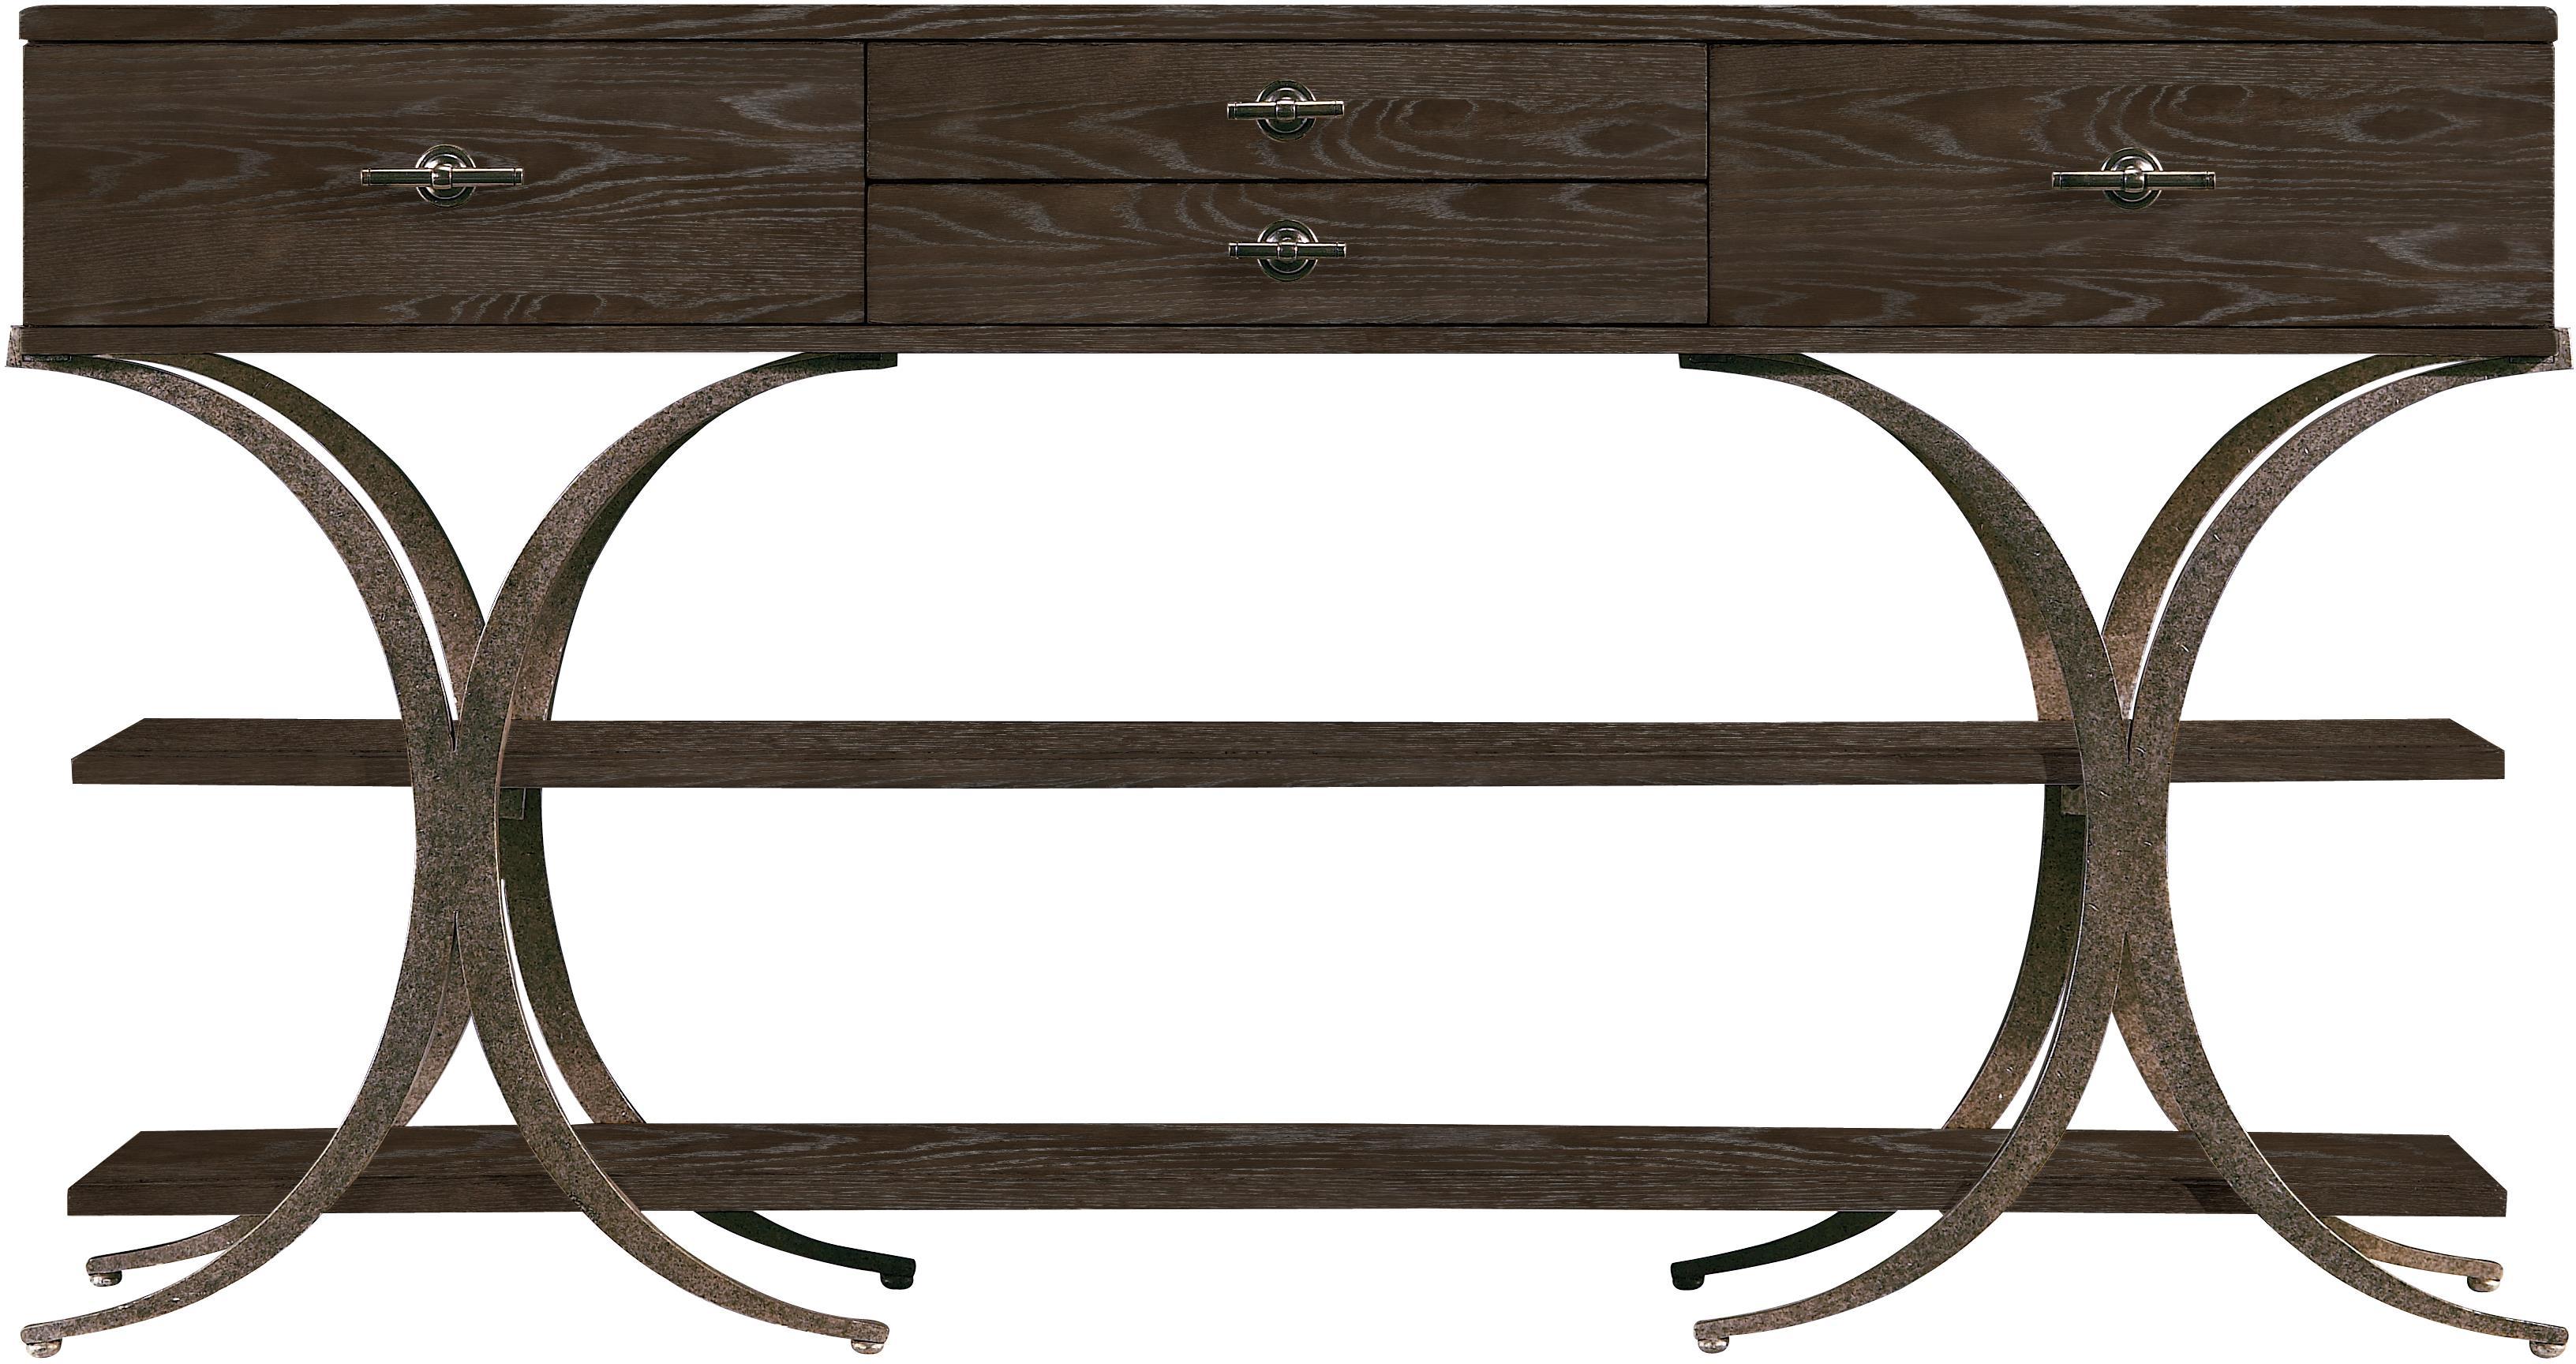 Stanley Furniture Coastal Living Resort Del Mar Sideboard - Item Number: 062-11-06